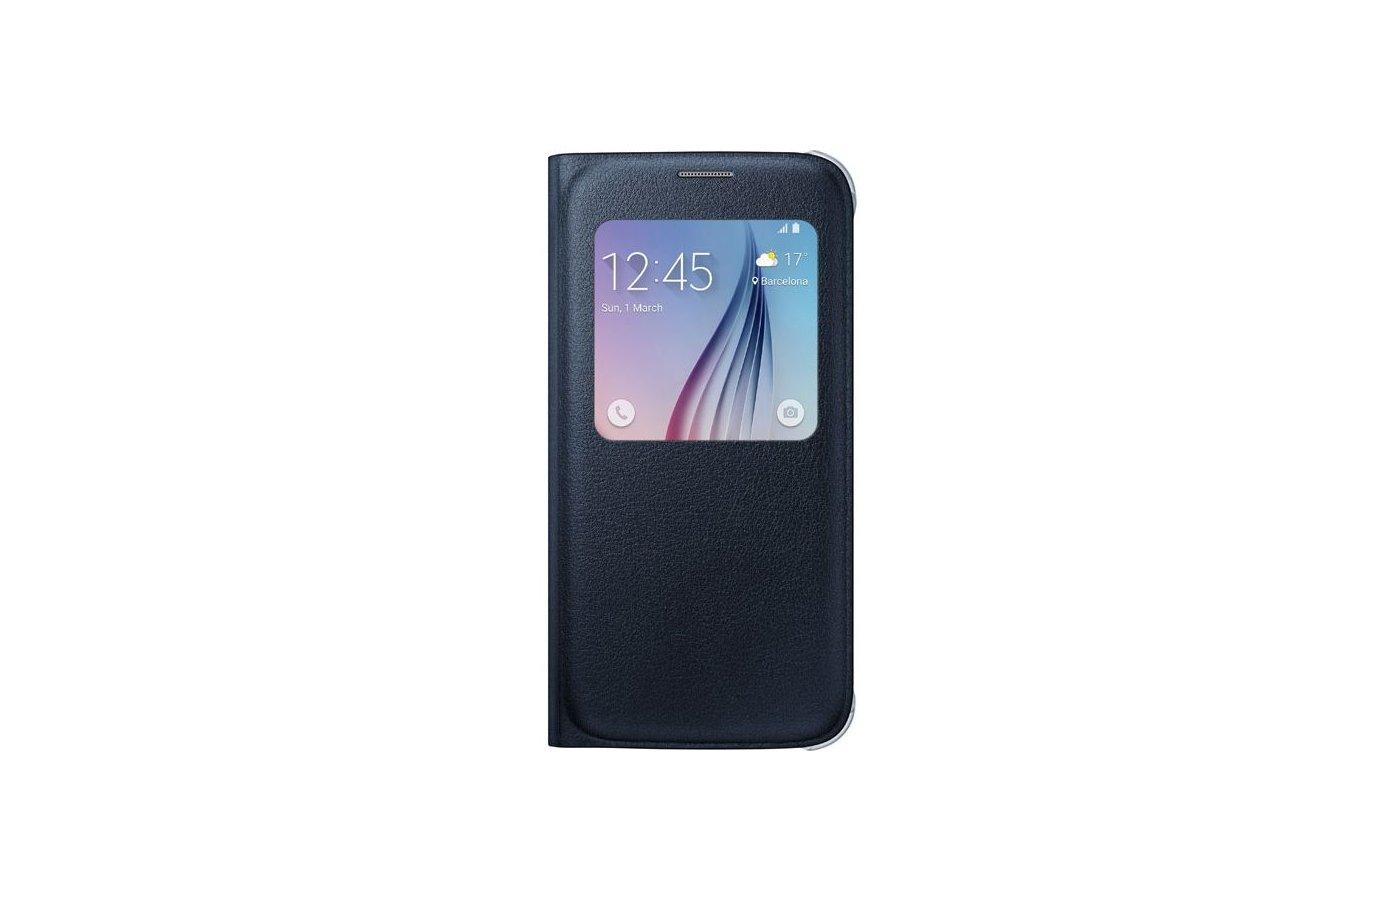 Чехол Samsung S-View для Galaxy S6 (SM-G920) (EF-CG920PBEGRU) черный